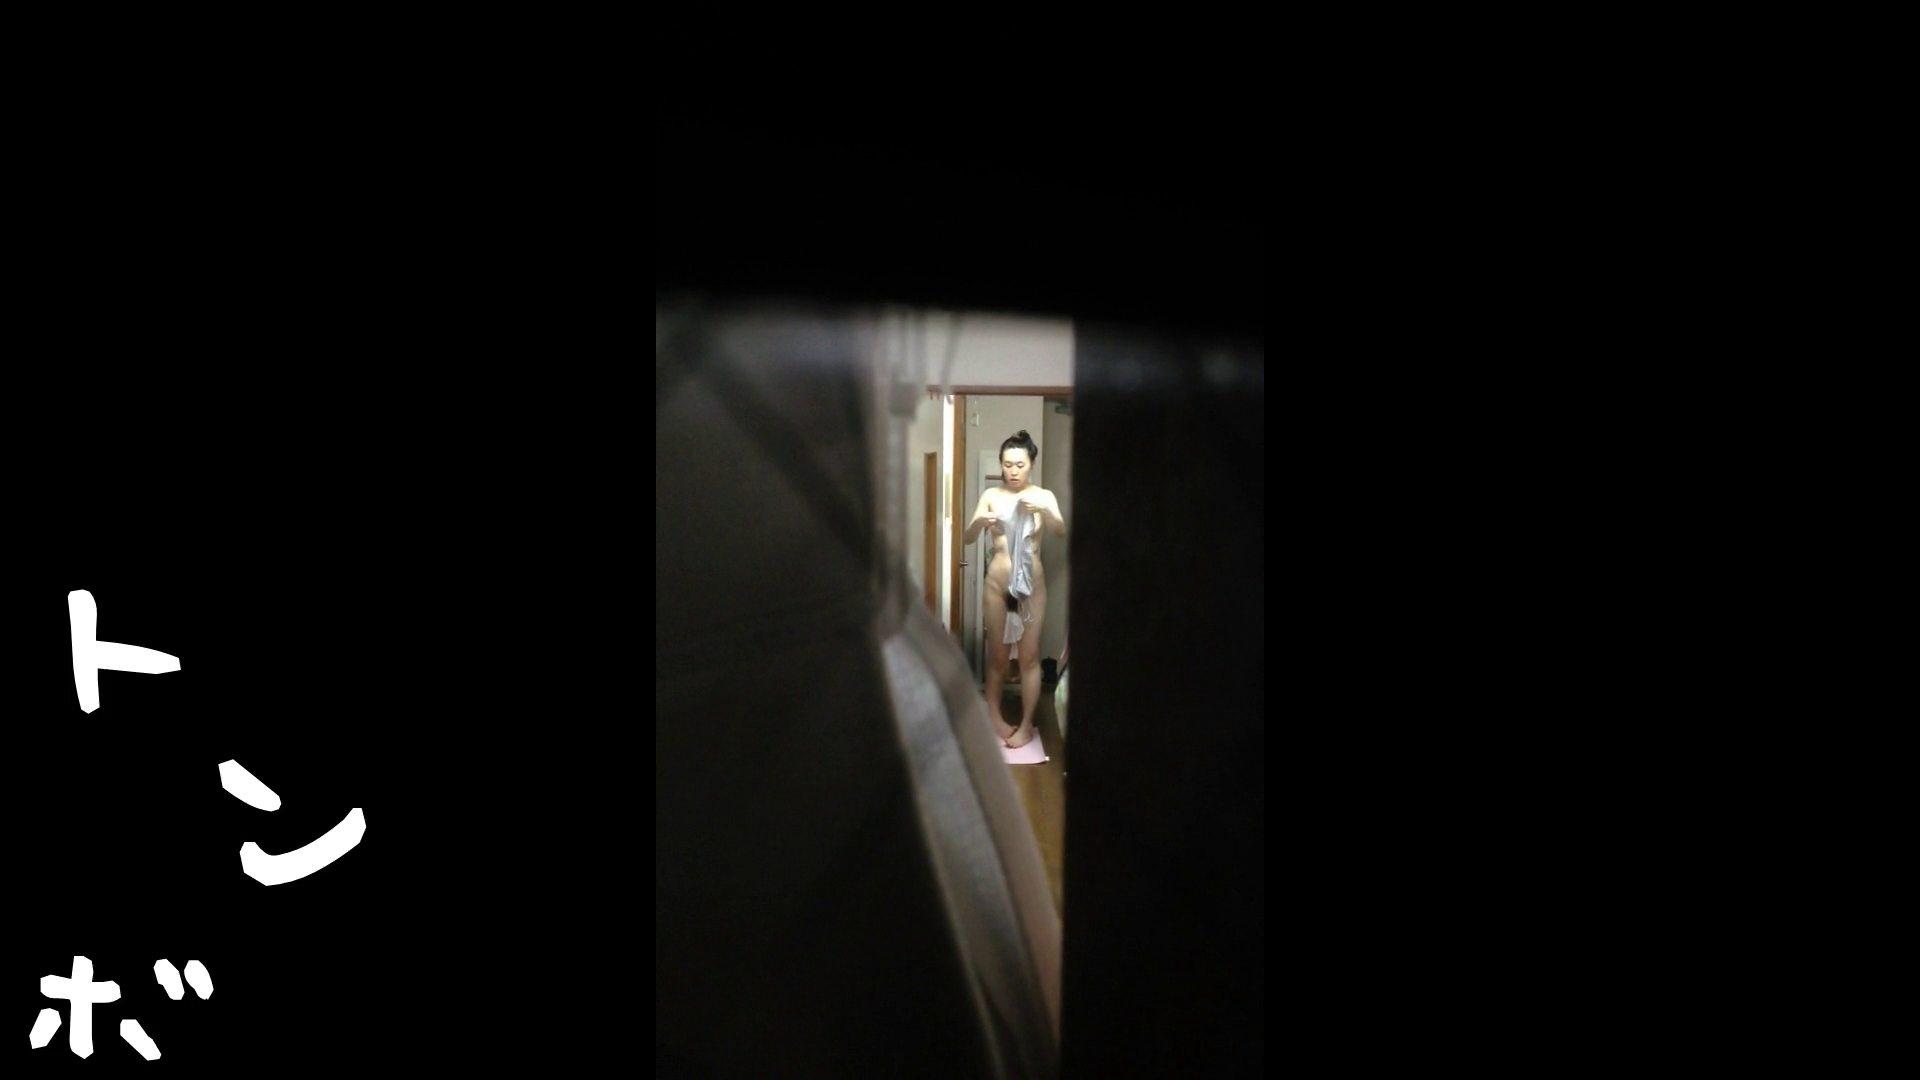 【リアル盗撮】元ジュディマリのYIUKI似 某歌手丸秘ヌード 潜入エロ調査   美女達のヌード  61連発 52